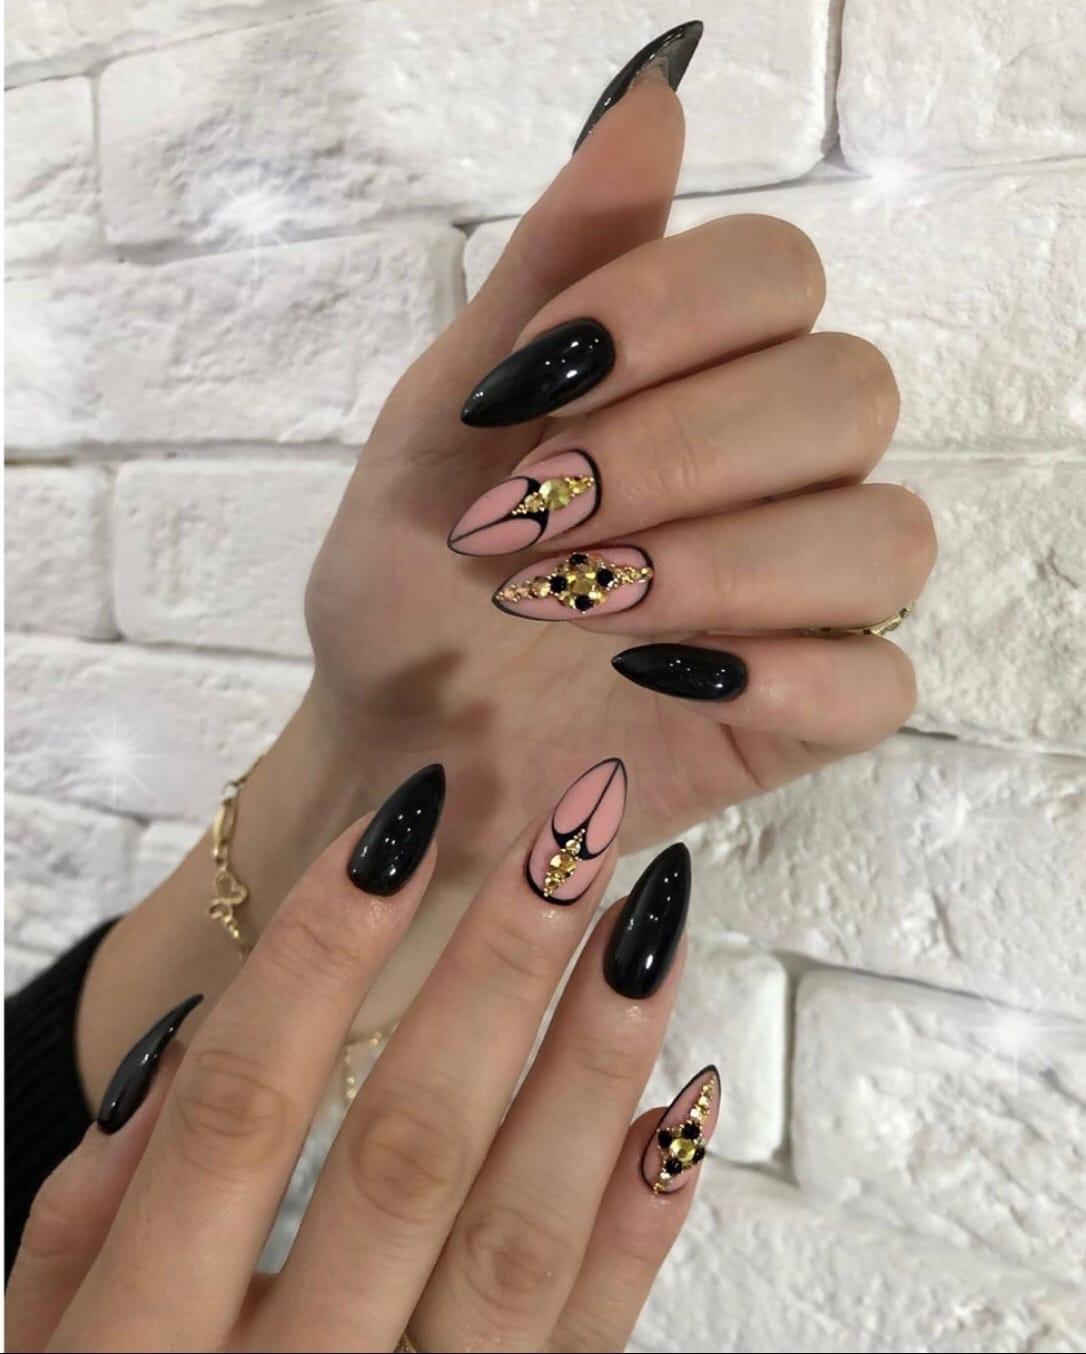 Маникюр с матовым дизайном и стразами в черном цвете на длинные ногти.